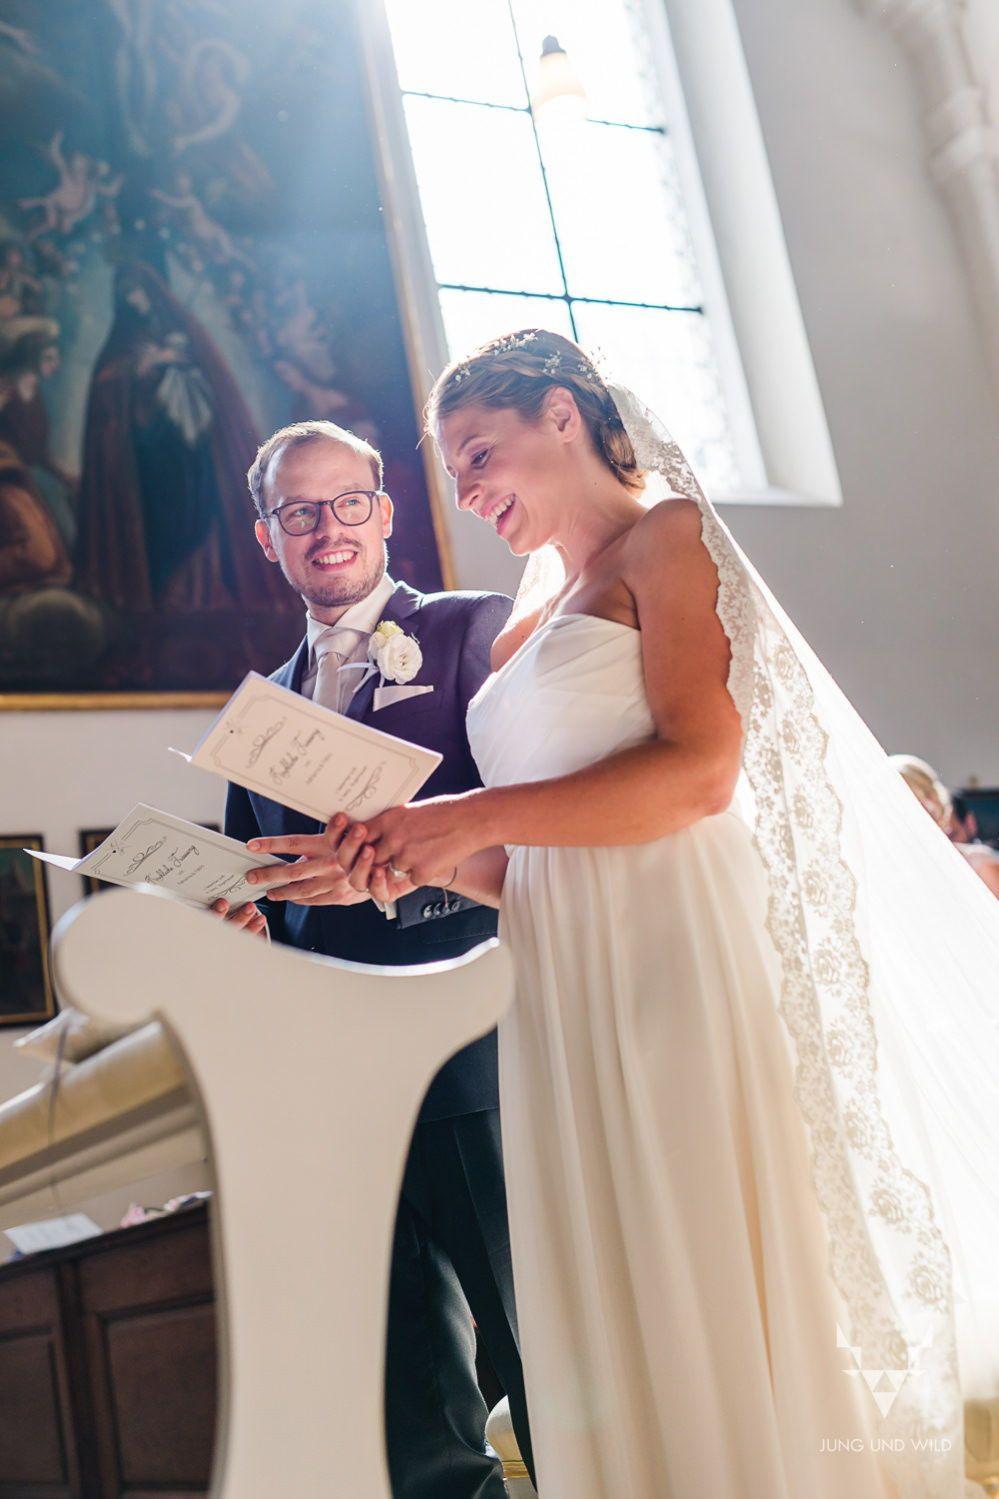 K U F - Liebe Auf Italienisch In Minga - Hochzeit Im